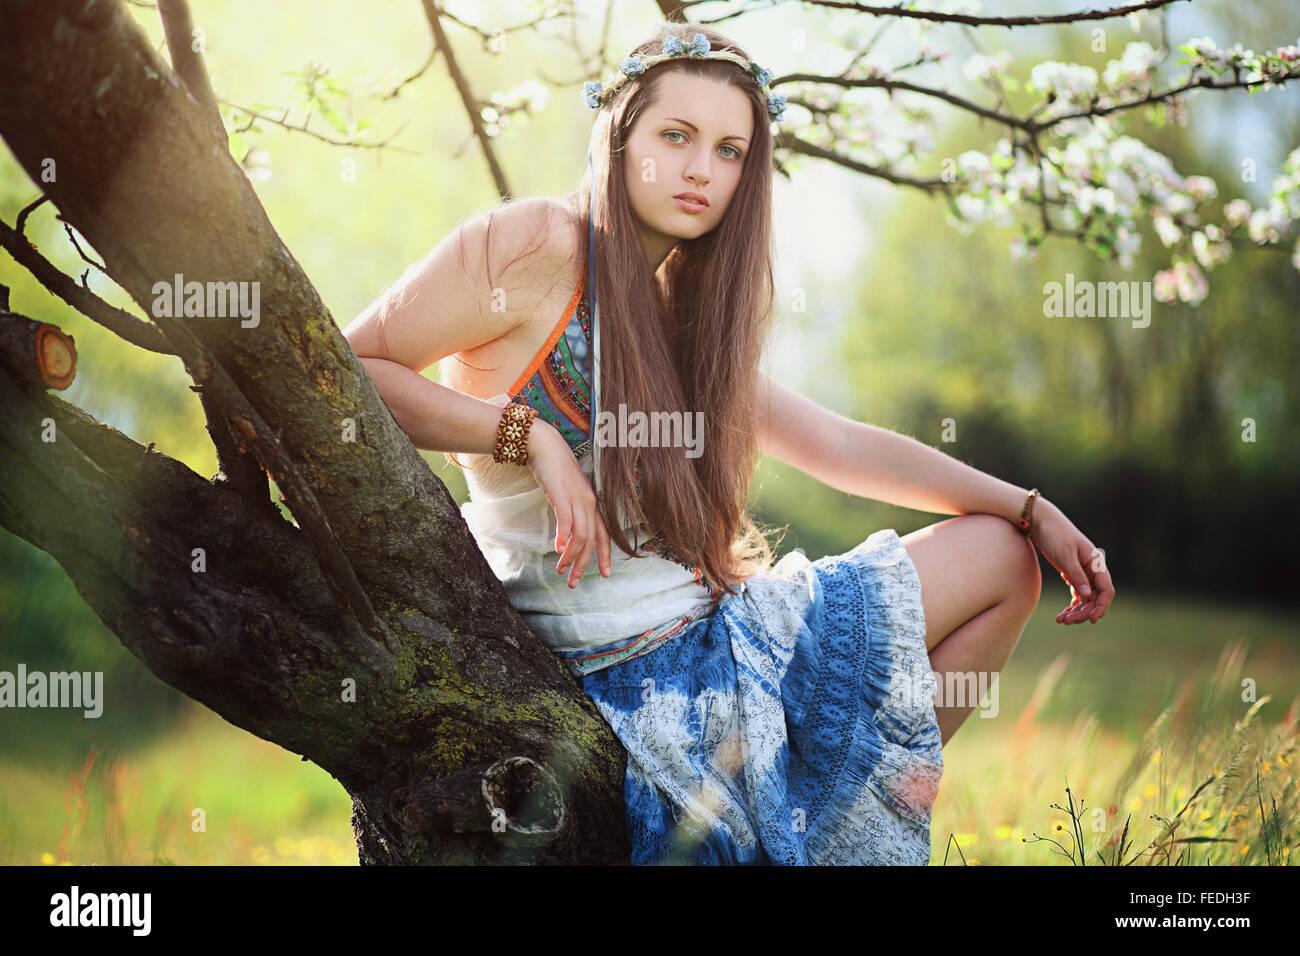 Mujer romántica pradera en flor . Vestido de hippie y gitano Imagen De Stock